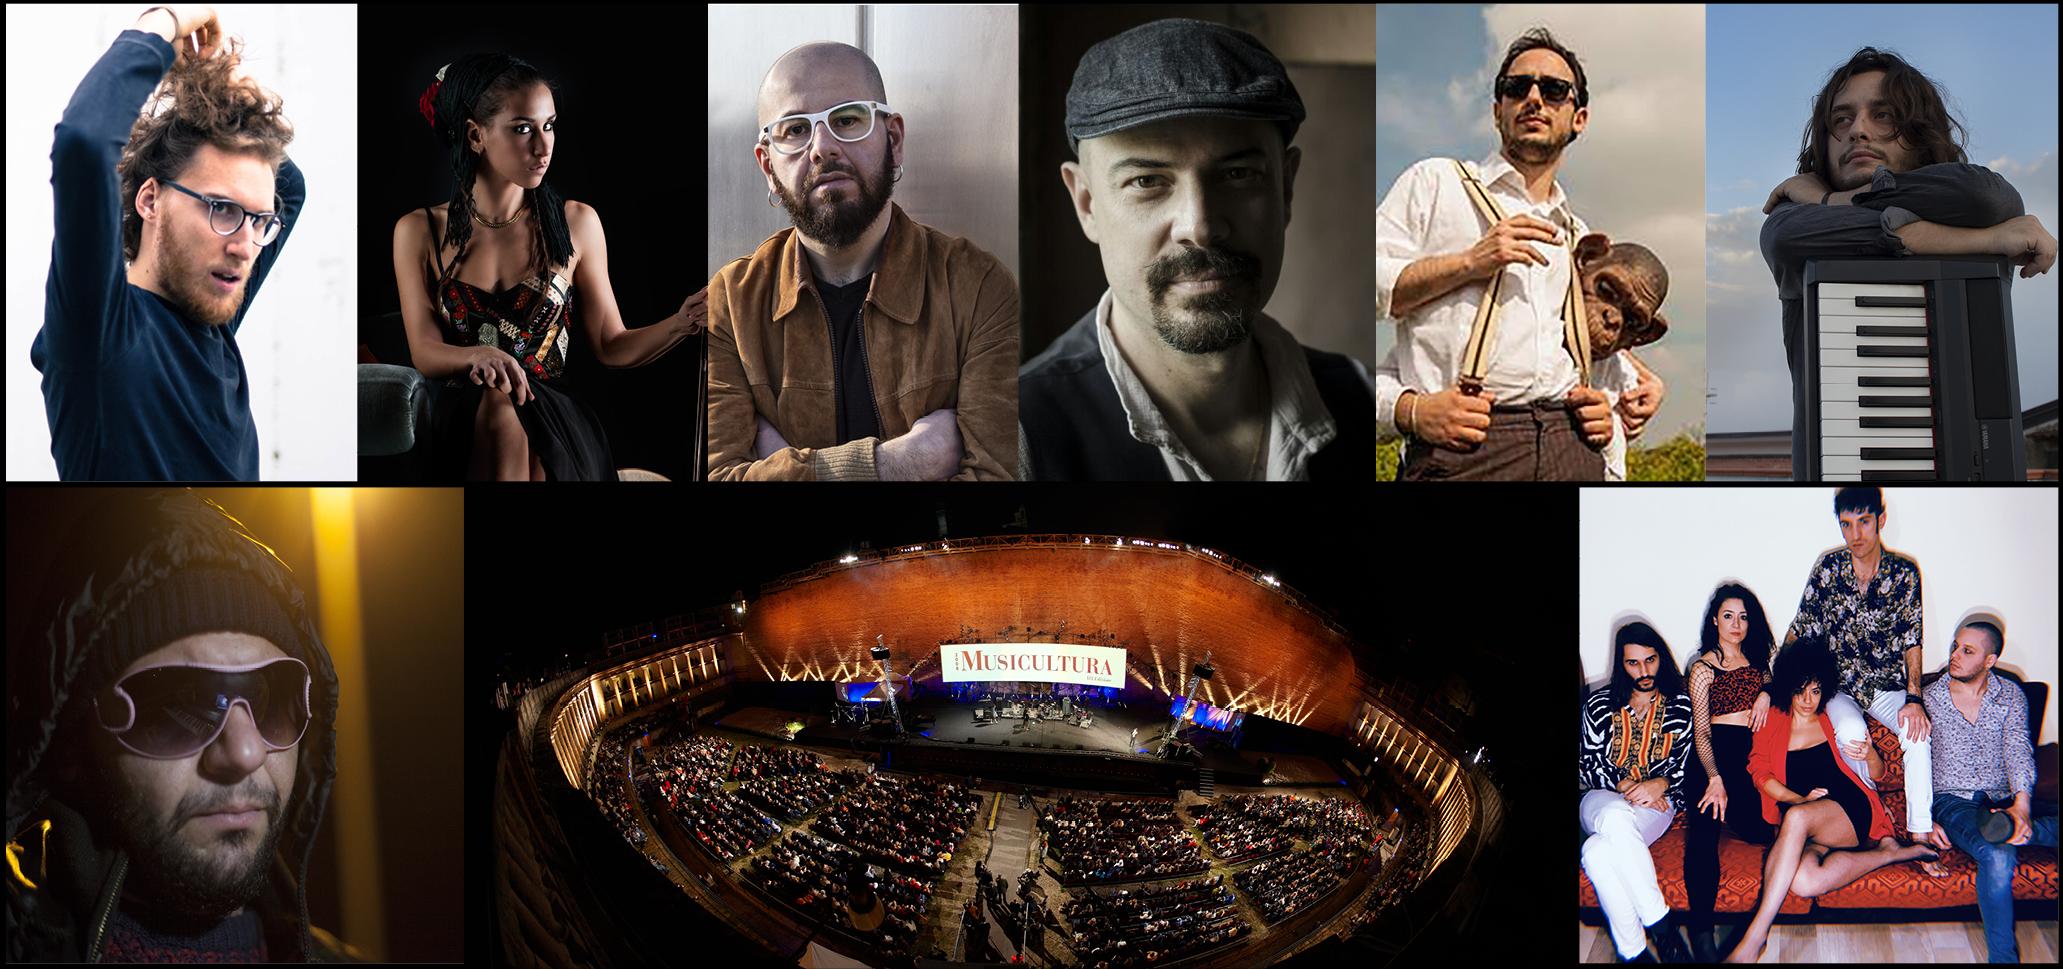 Musicultura, annunciati i nomi degli otto artisti vincitori